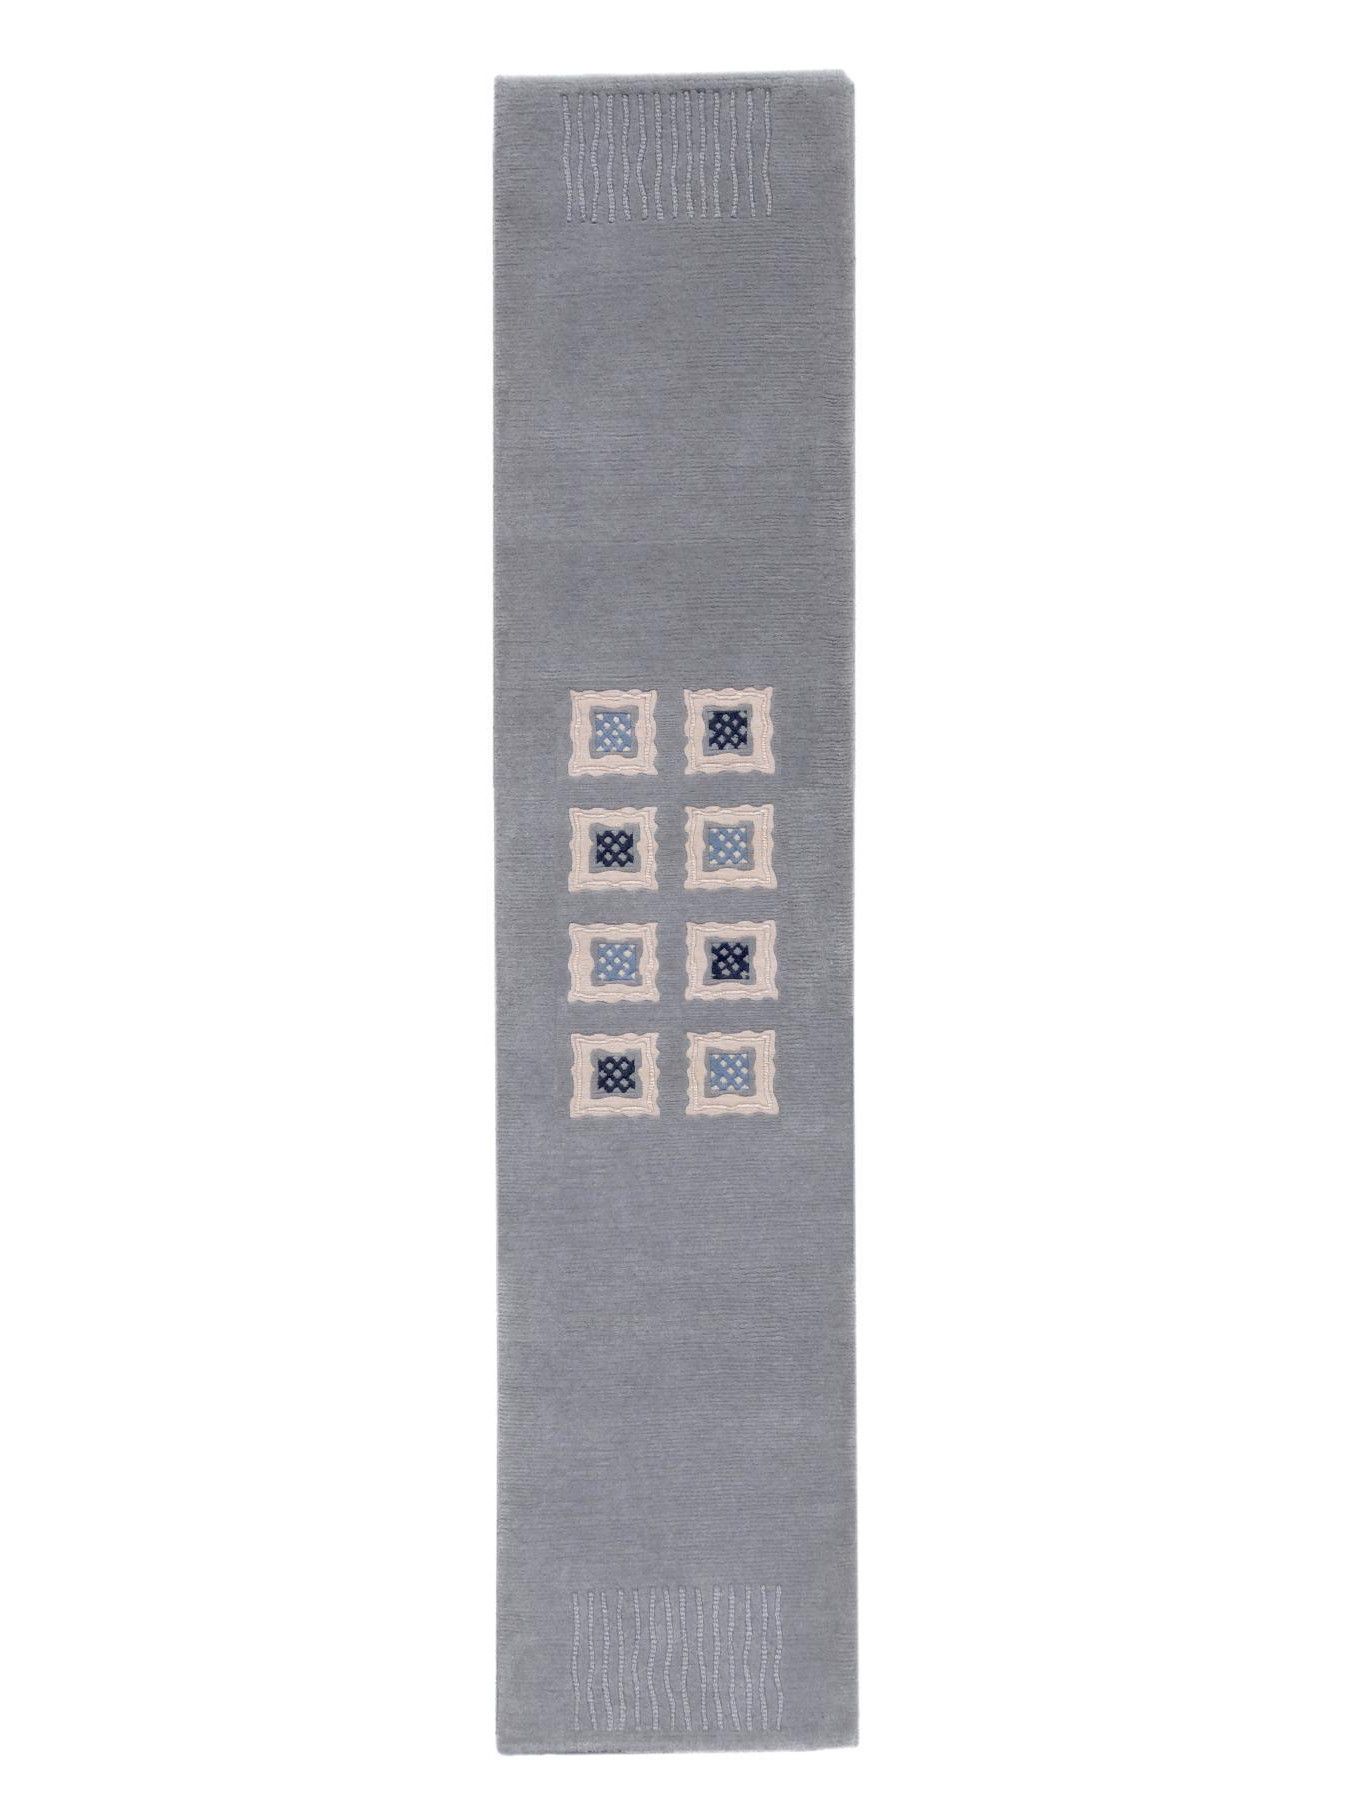 Design carpets - STONES 2 - 9005